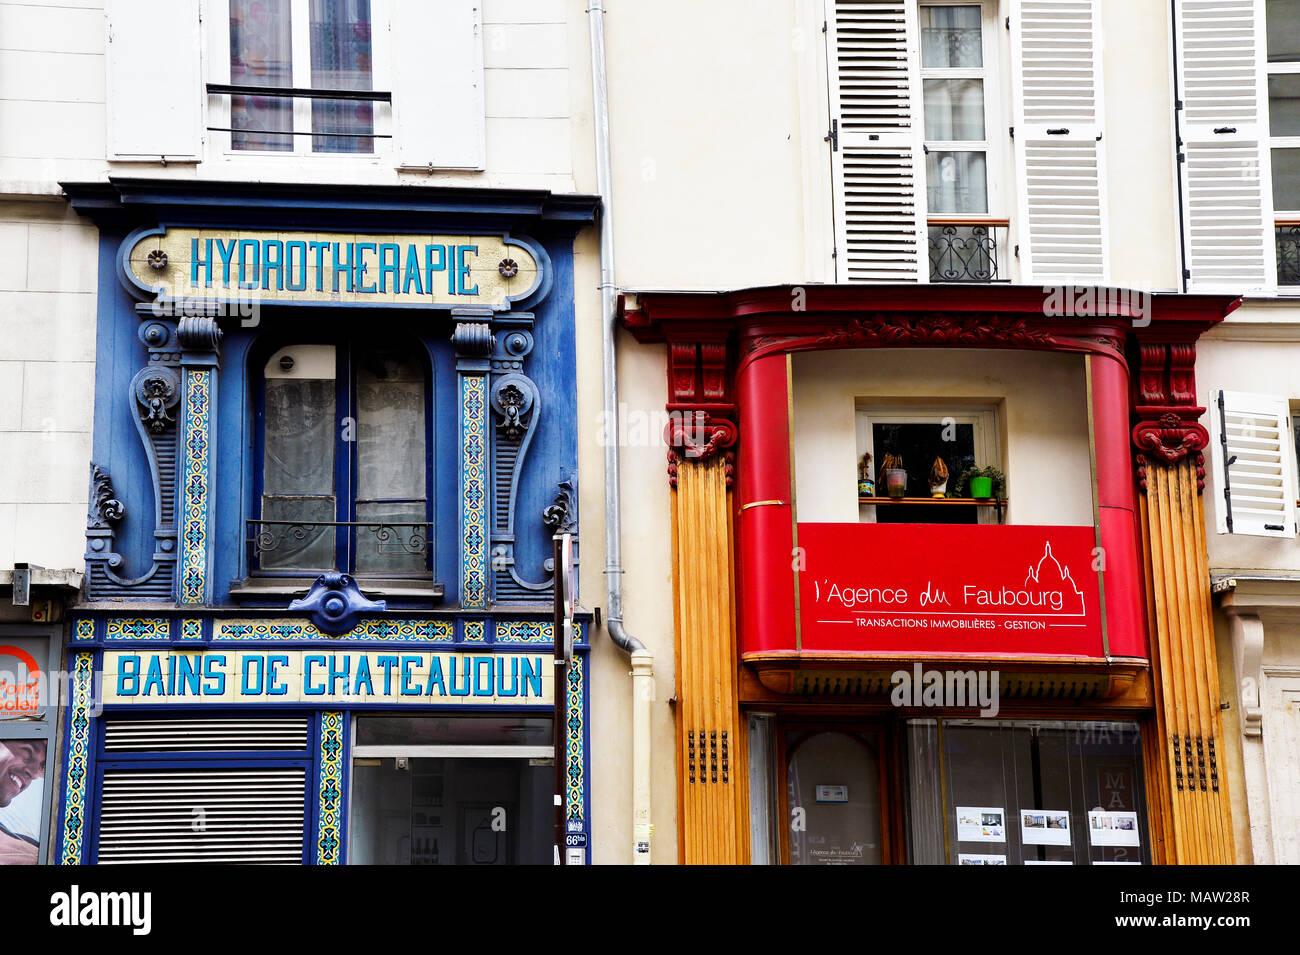 Hydrotherapy - Public baths - Paris - France - Stock Image